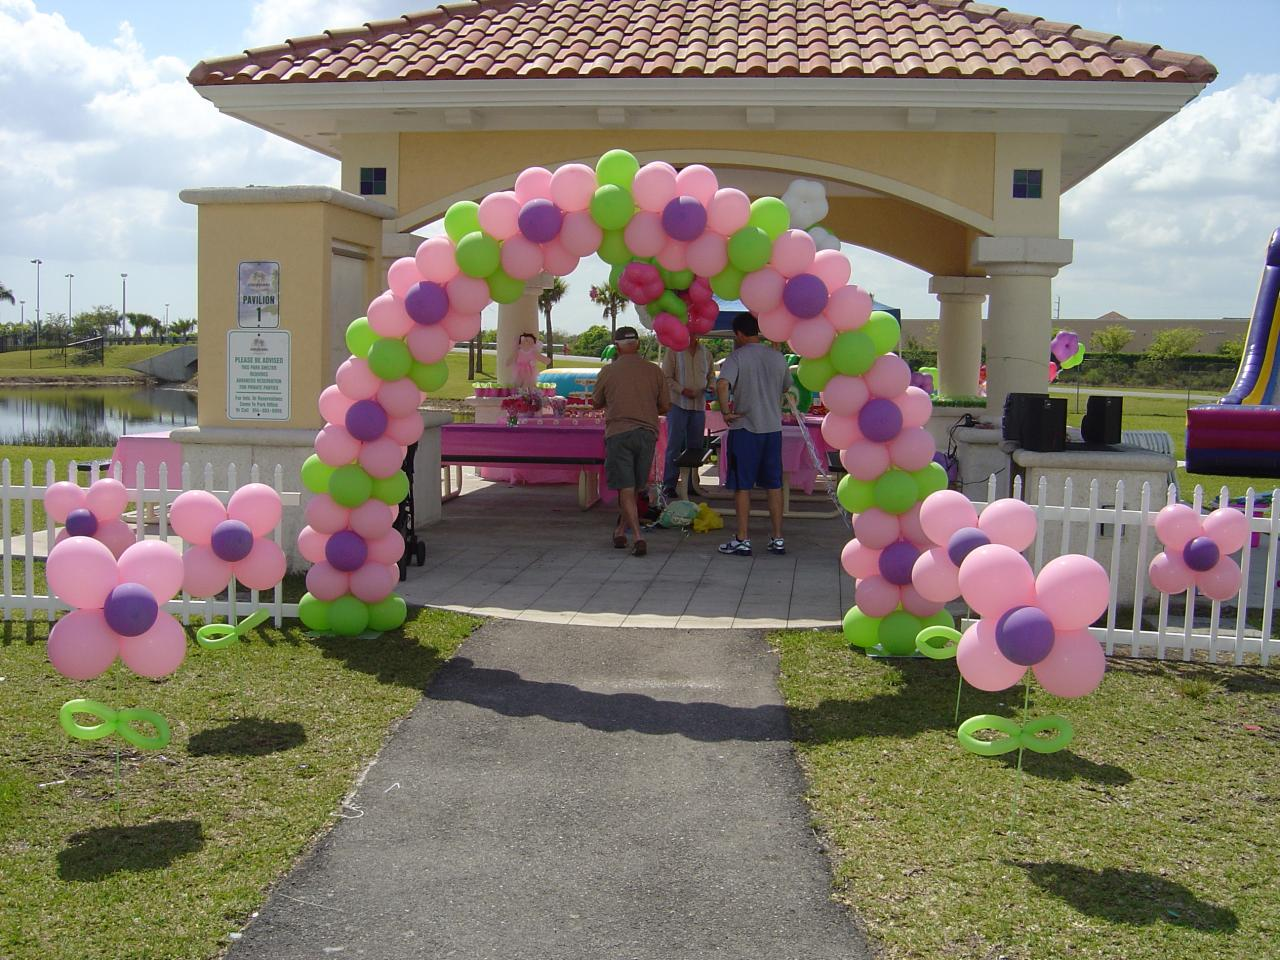 kalliopelp: Arcos con Globos - Decoración de Fiestas Infantiles